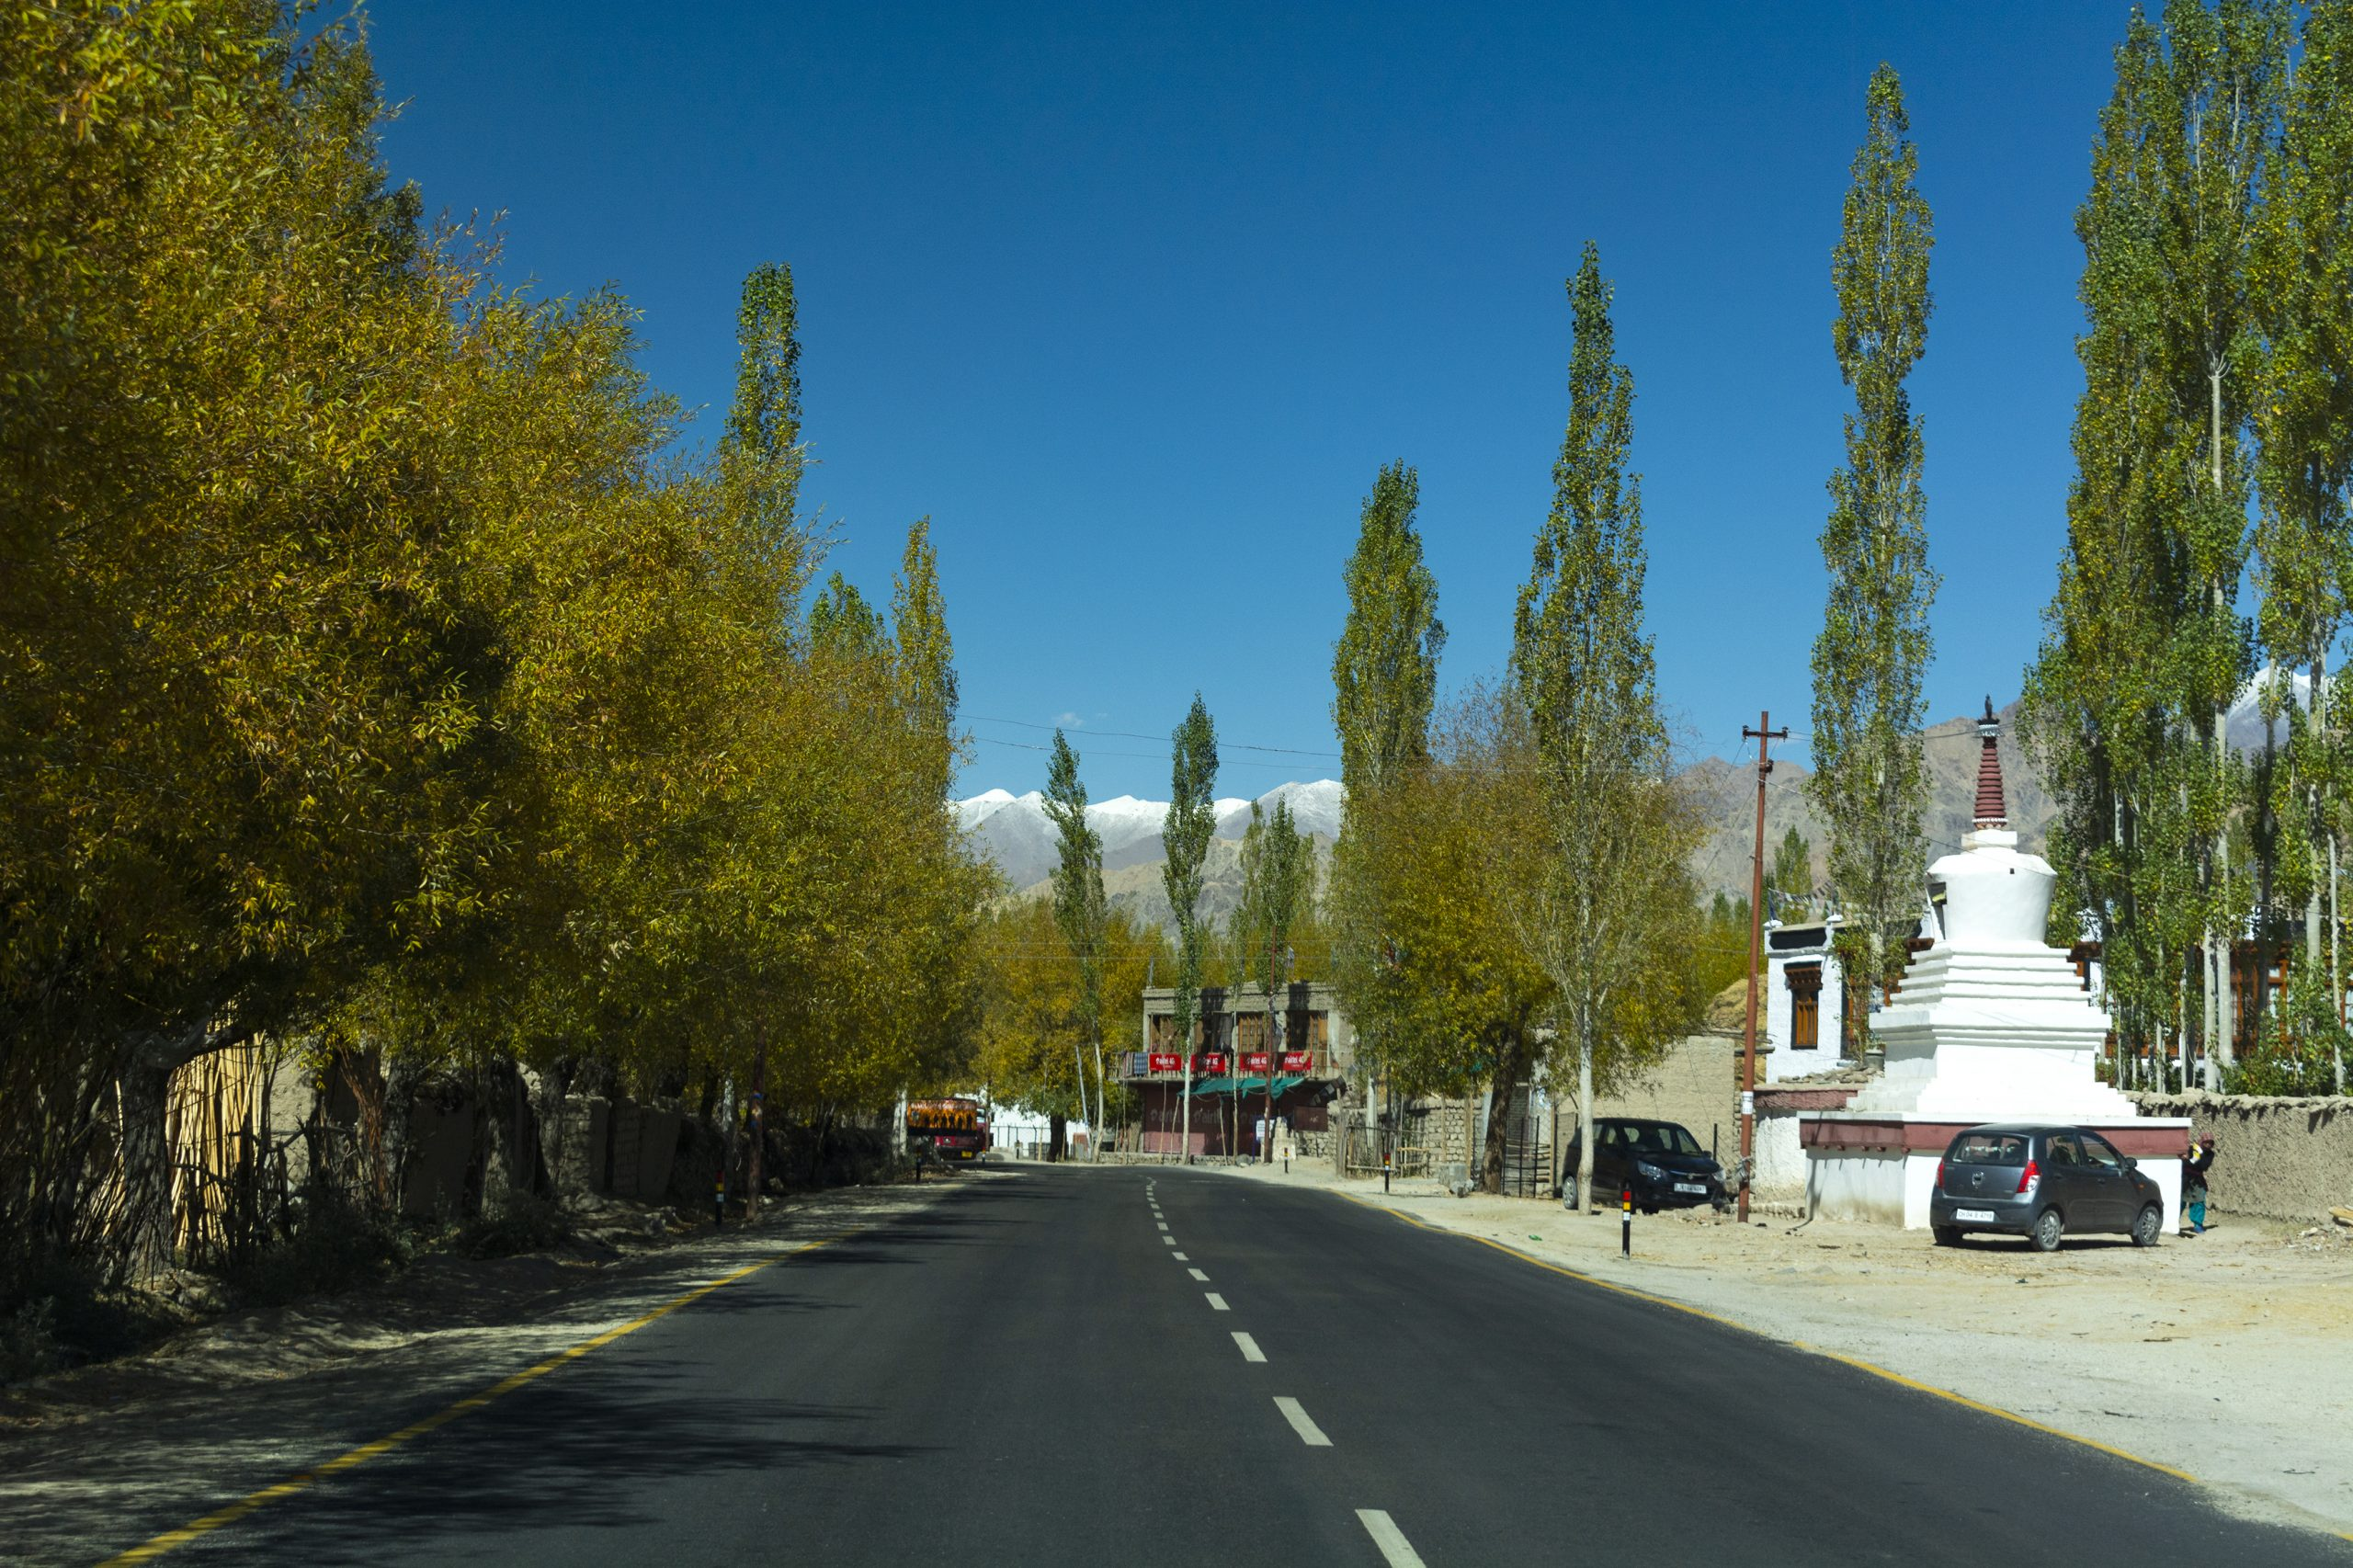 emoty road